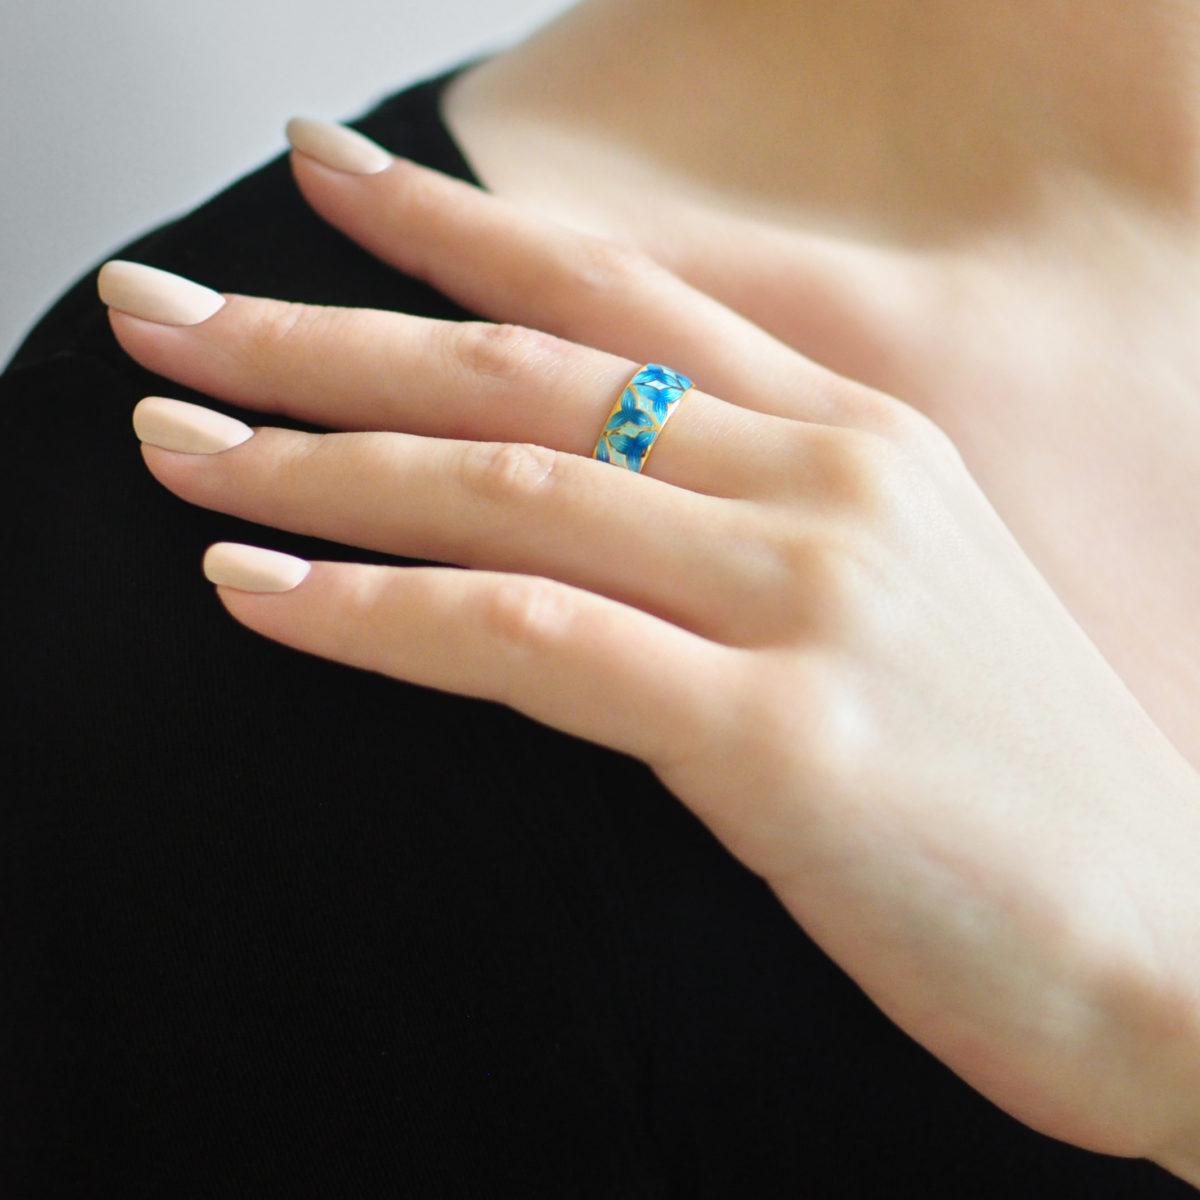 Zolochenie sinyaya 13 1200x1200 - Кольцо «Трилистник» (золочение), синее